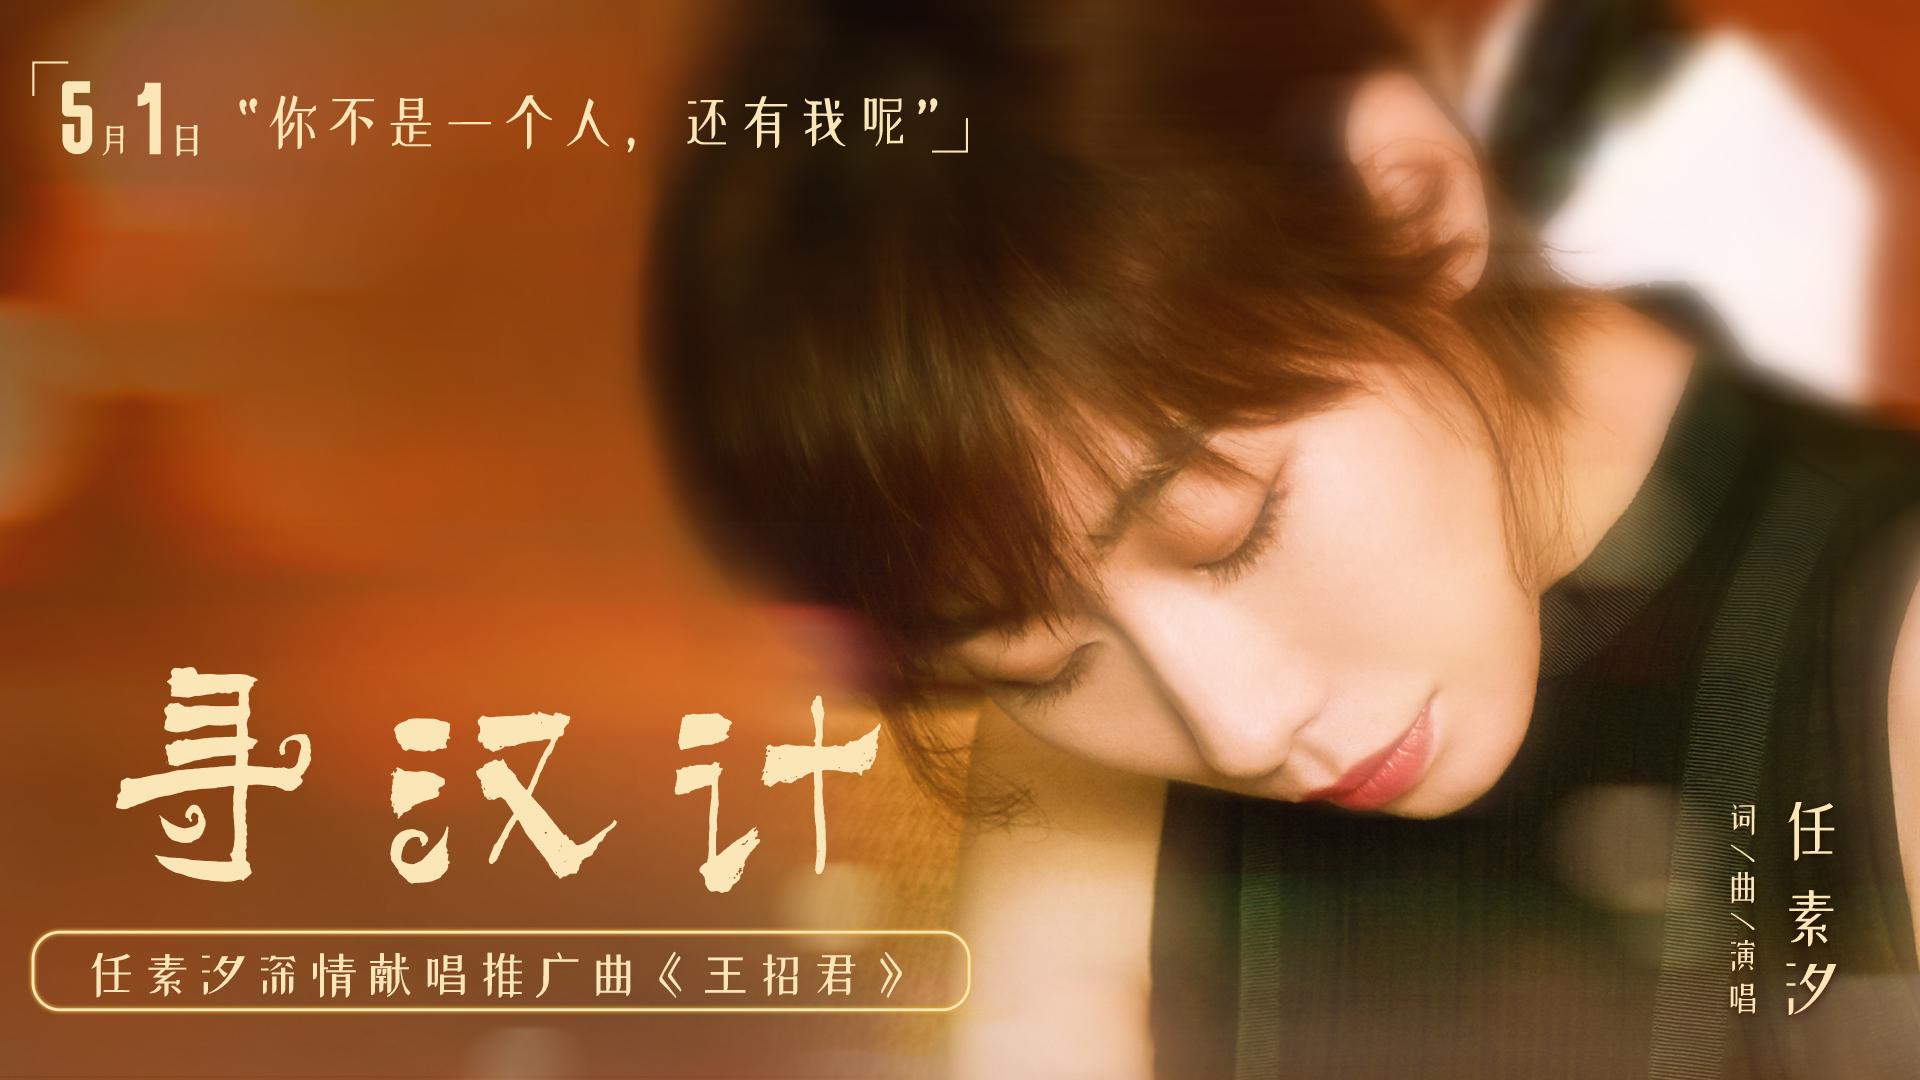 《寻汉计》曝推广曲MV《胡广生》扎心姊妹篇